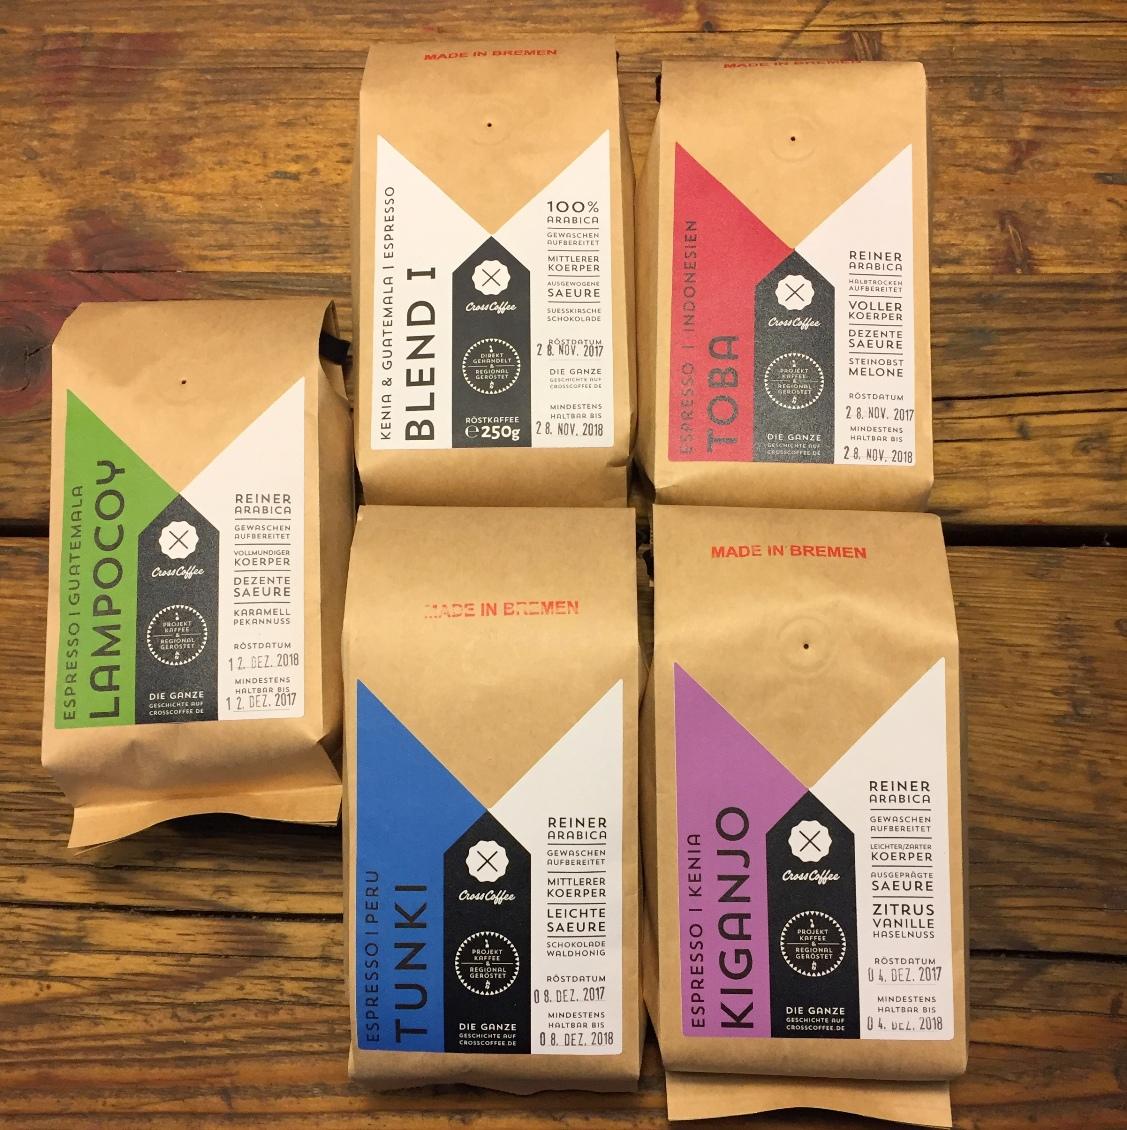 5-Freunde Espresso | Probepaket Espresso, Weihnachtsangebot der Kaffeerösterei Cross Coffee aus Bremen